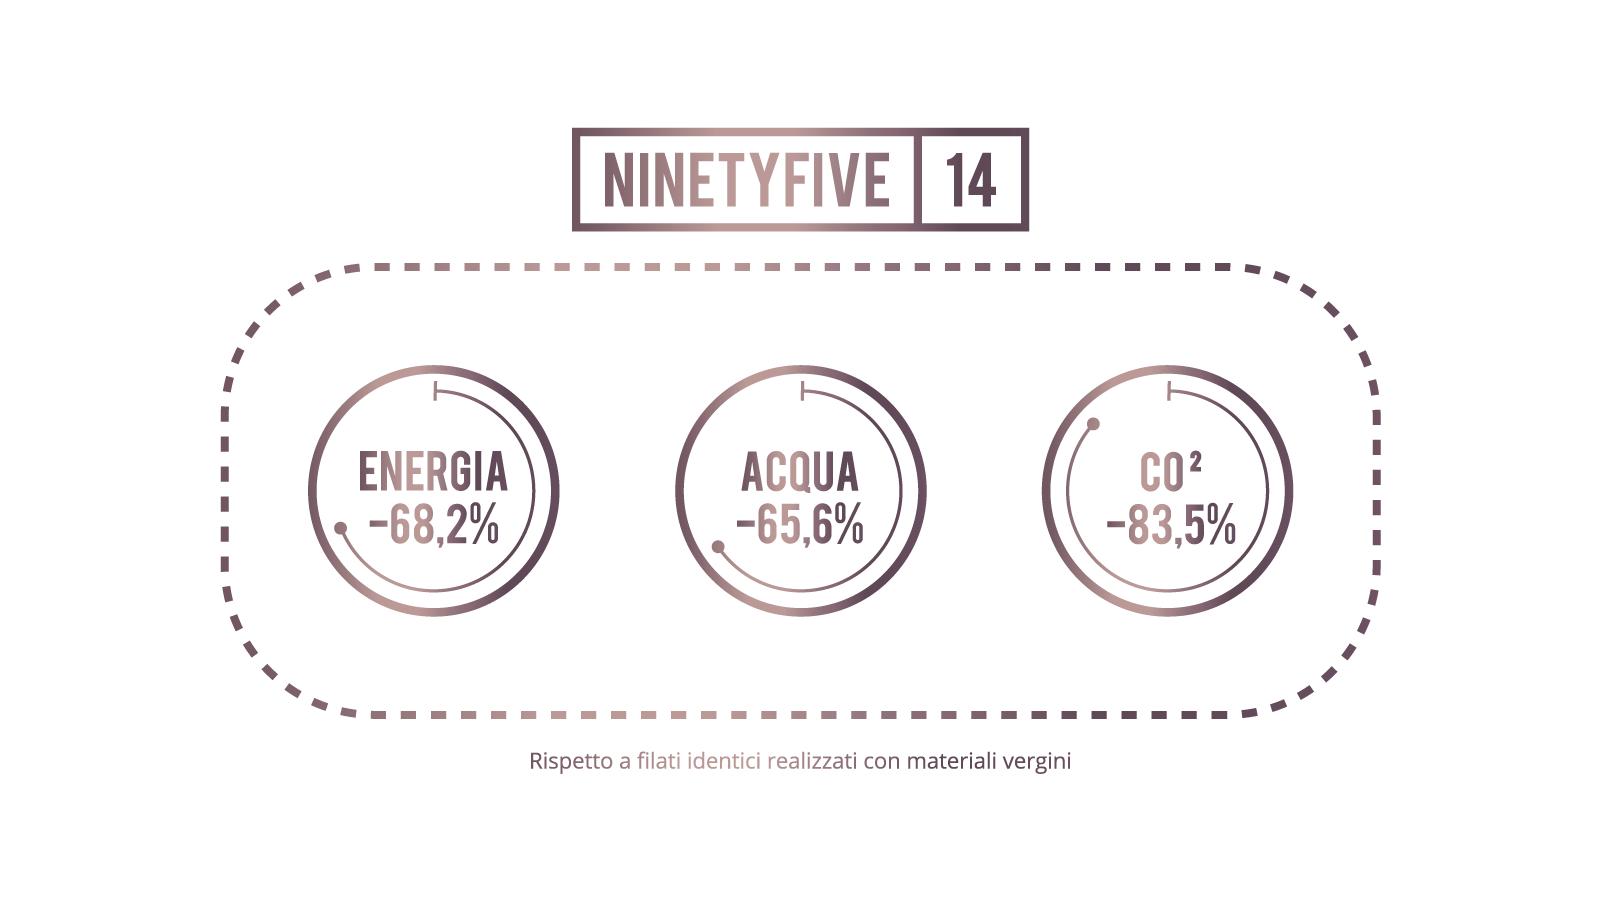 Ninetyfive 14 Ita Slide 1600x900 Lca Sito Filpucci